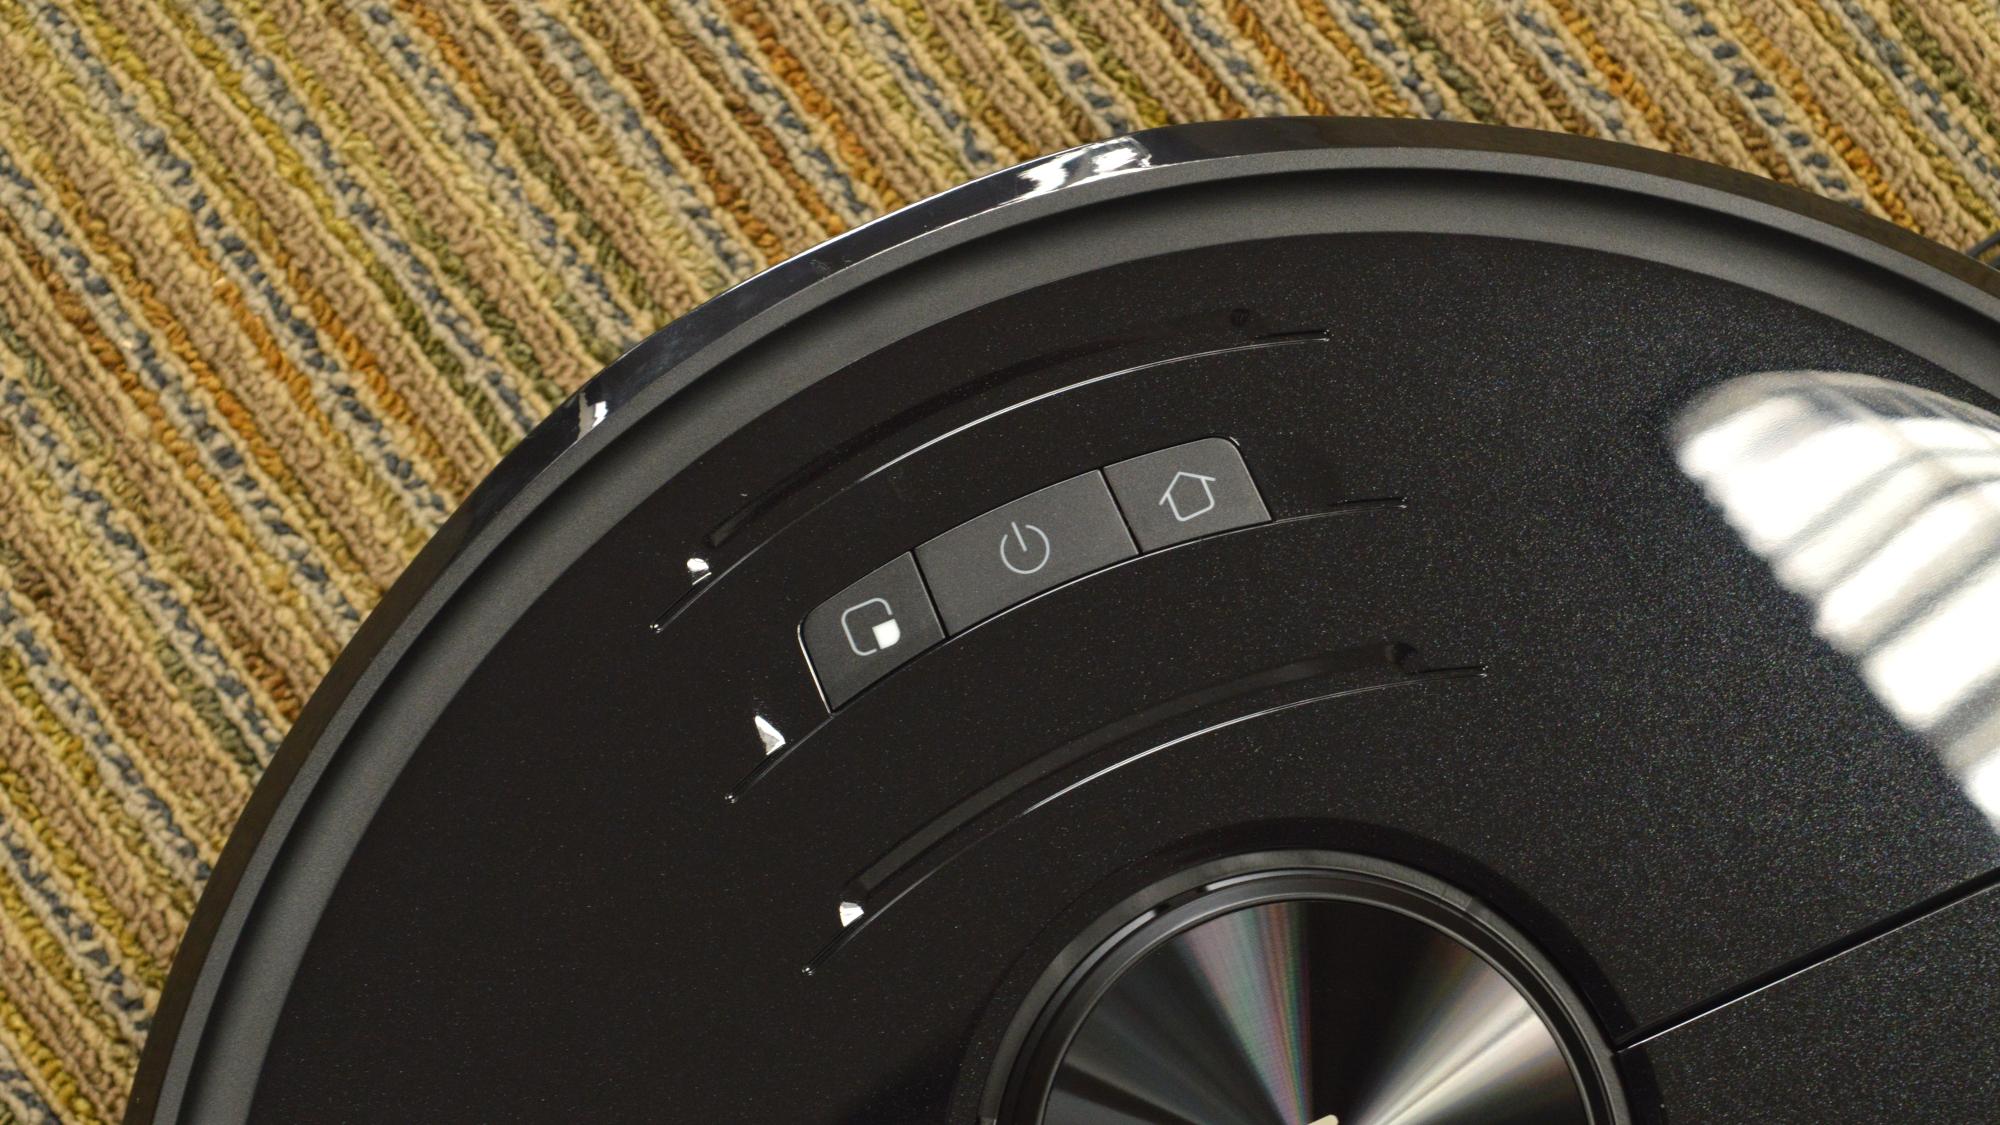 Roborock S6 MaxV Buttons